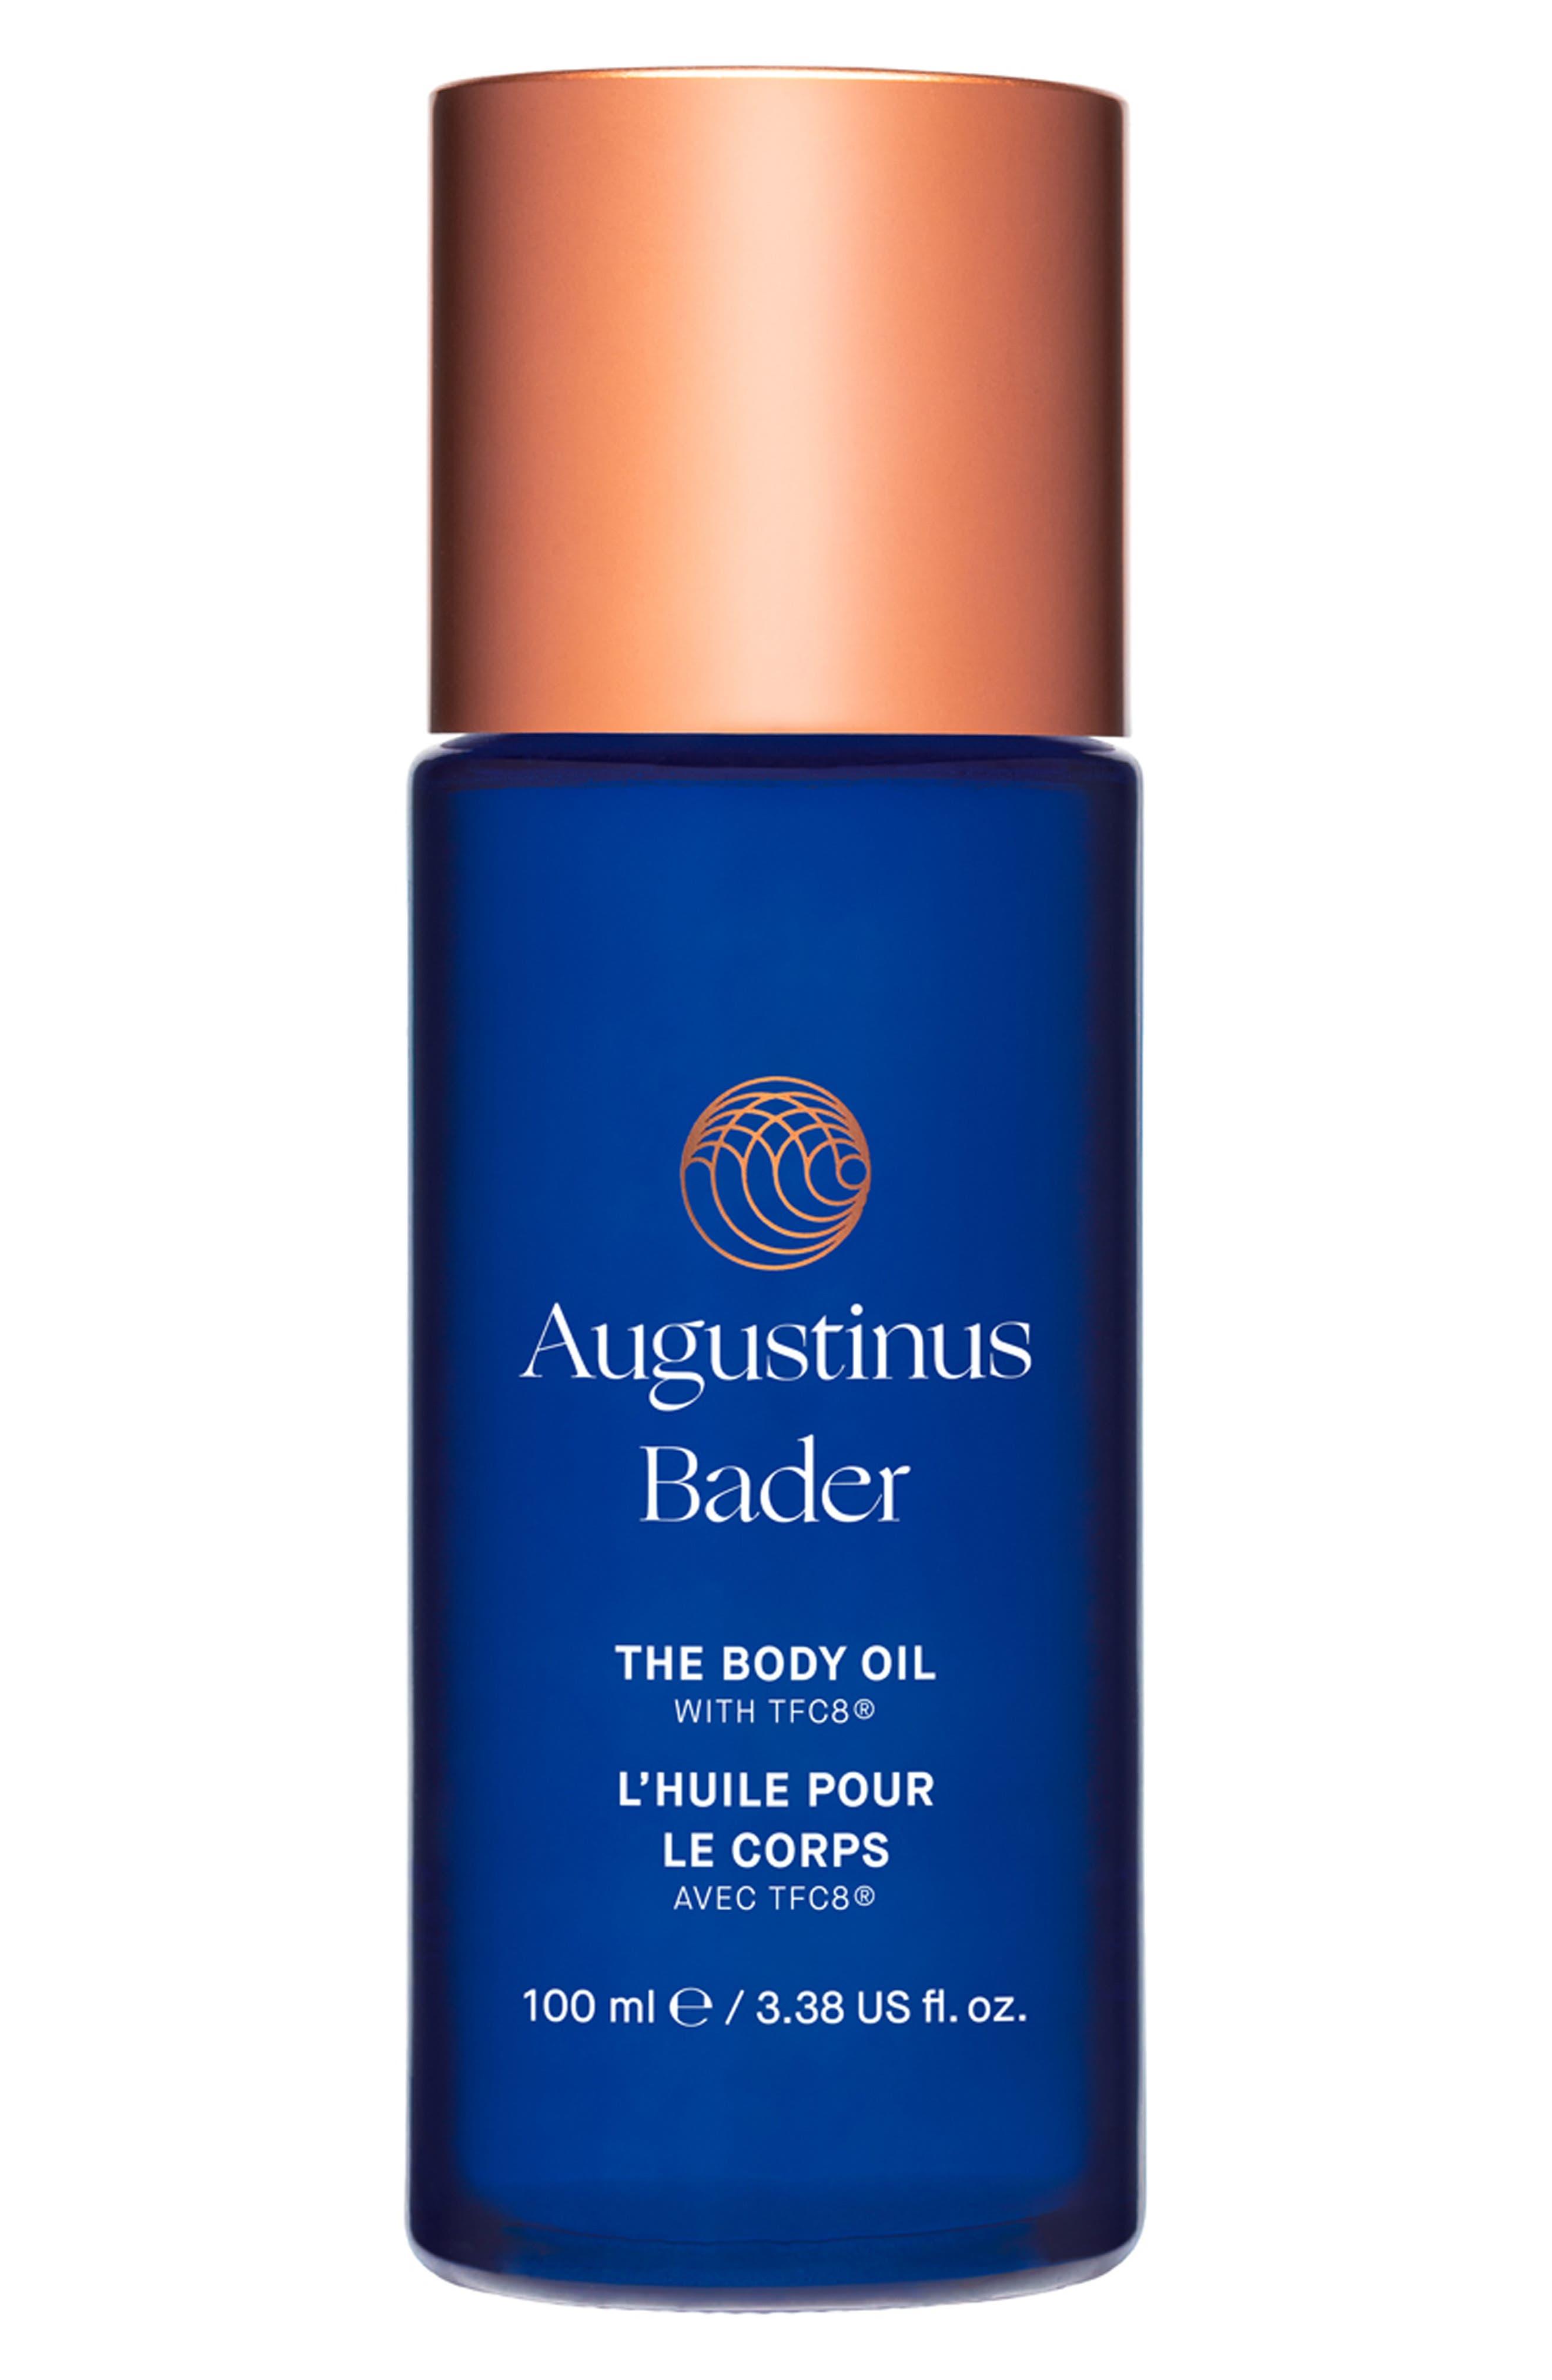 The Body Oil